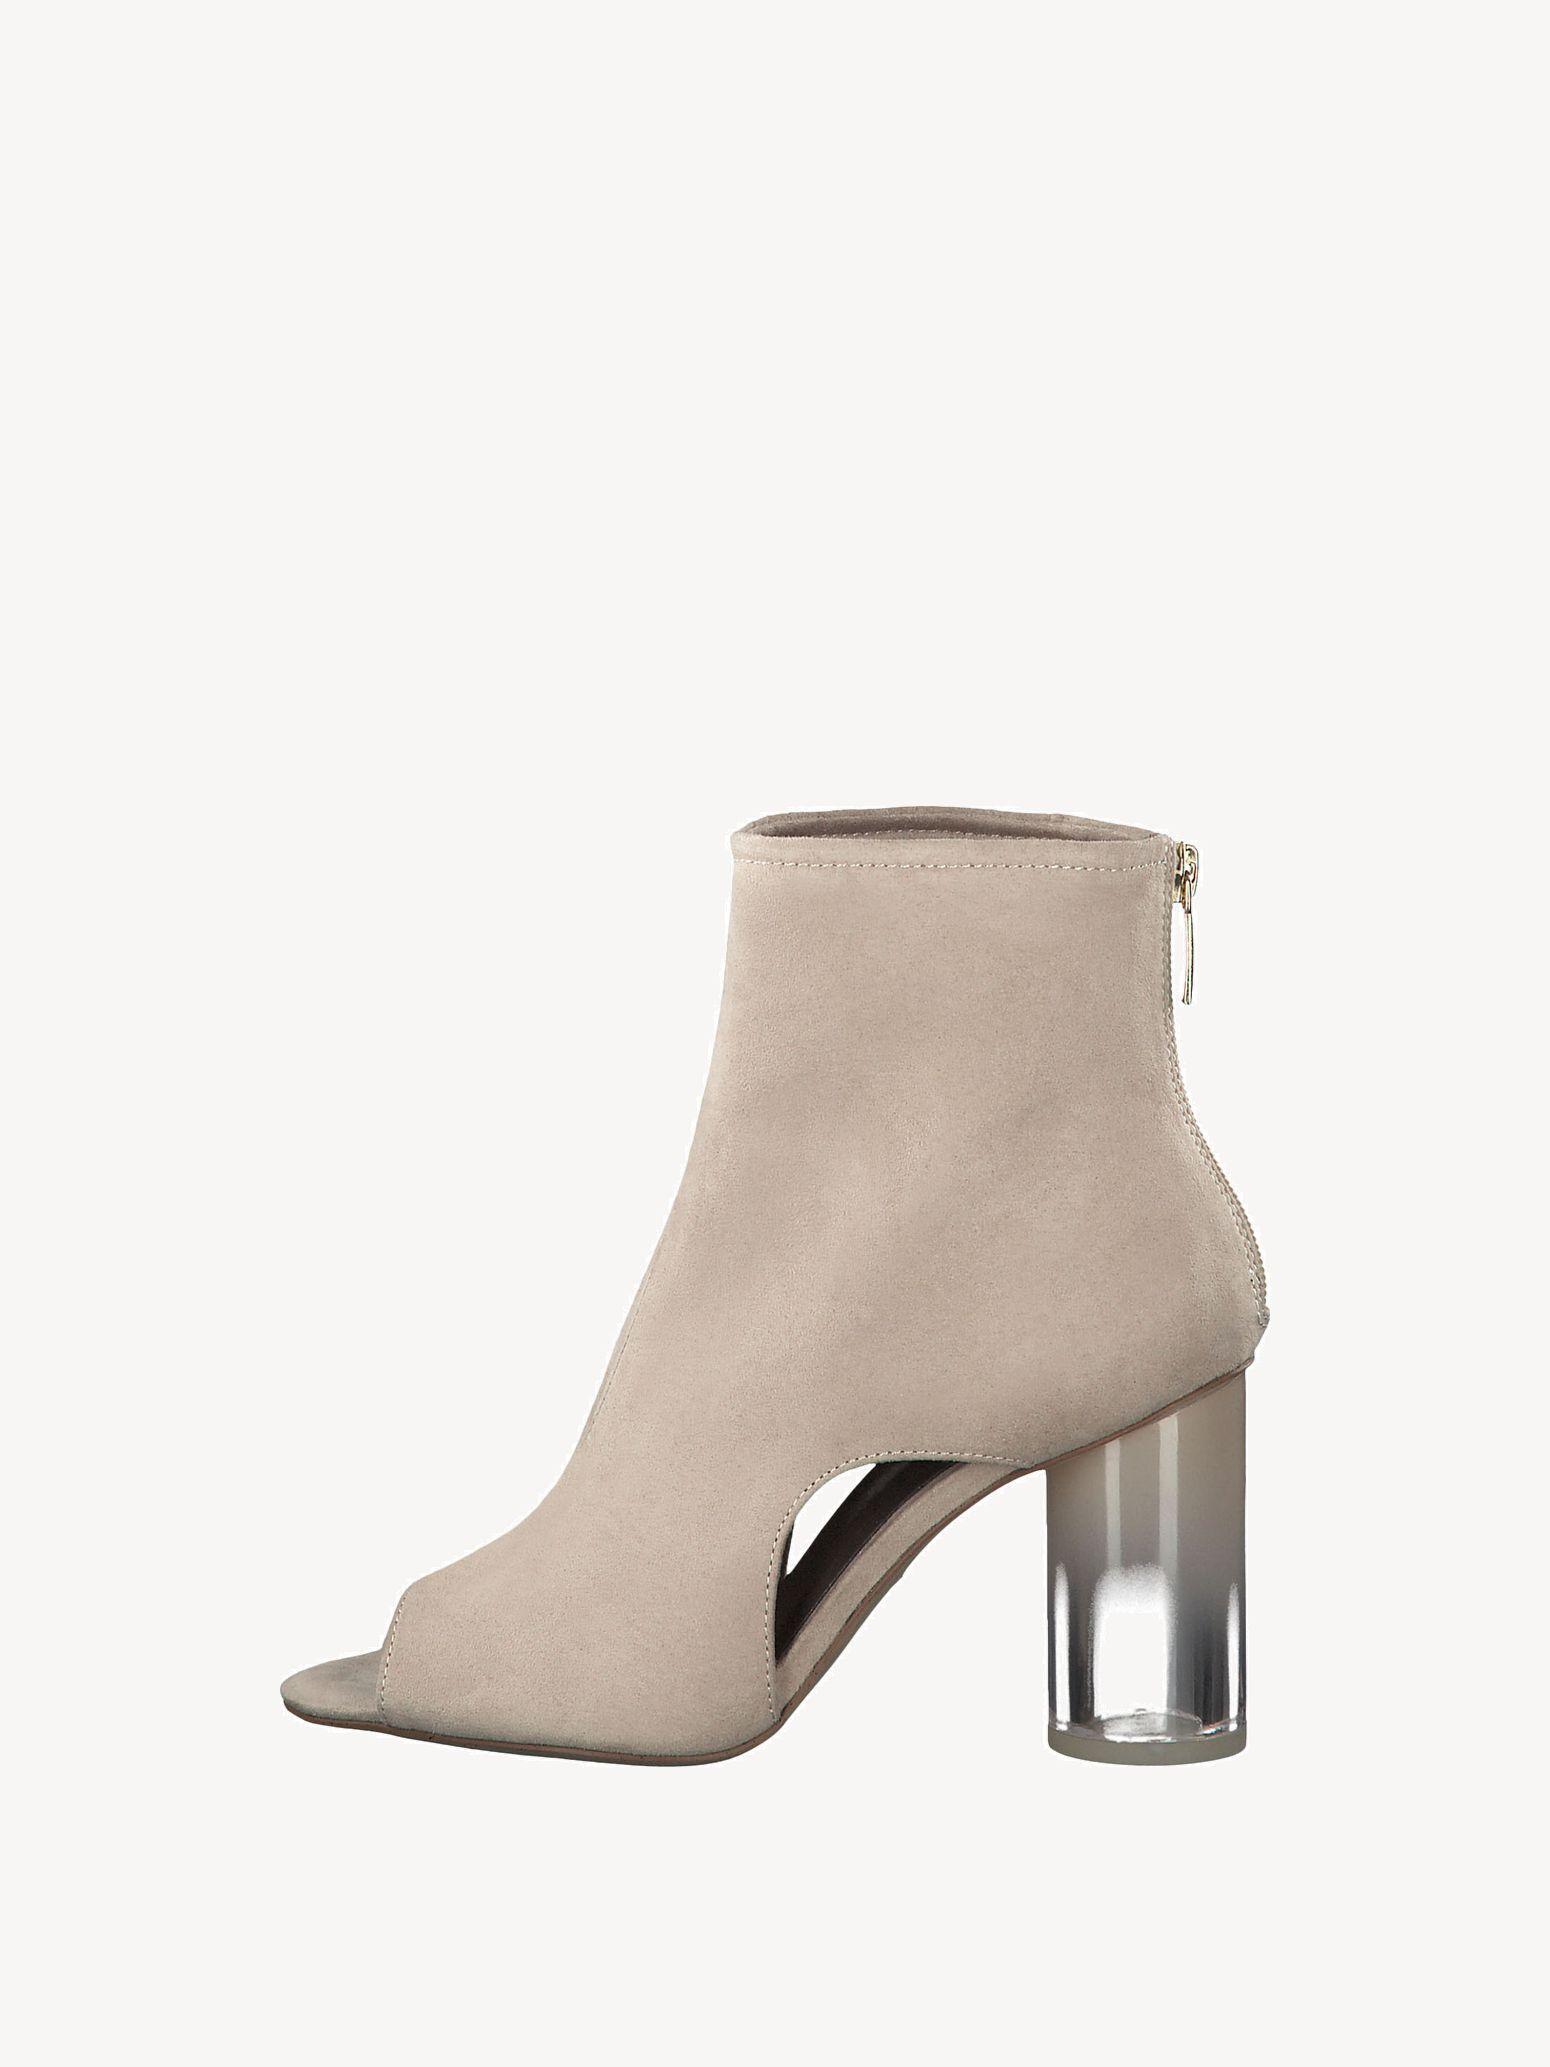 Damen Kaufen Schuhe Online Tamaris Für Peeptoes drCxeQWBo